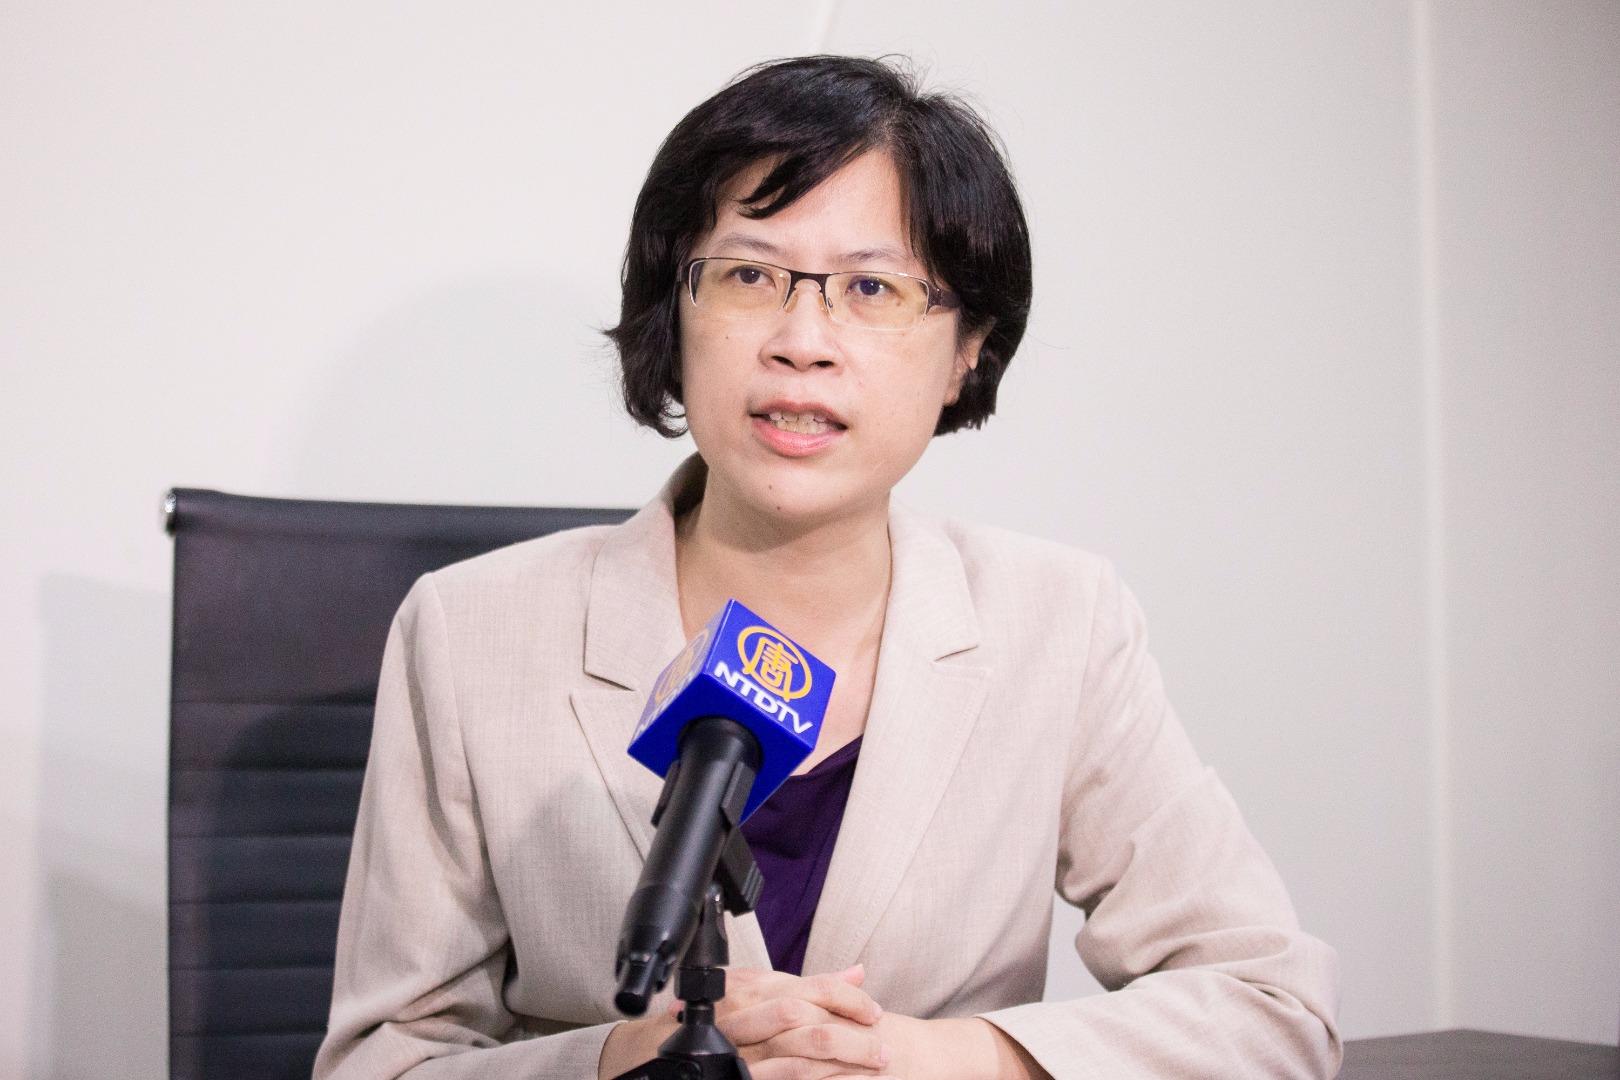 中共要學生舉報父母 律師:21世紀文革